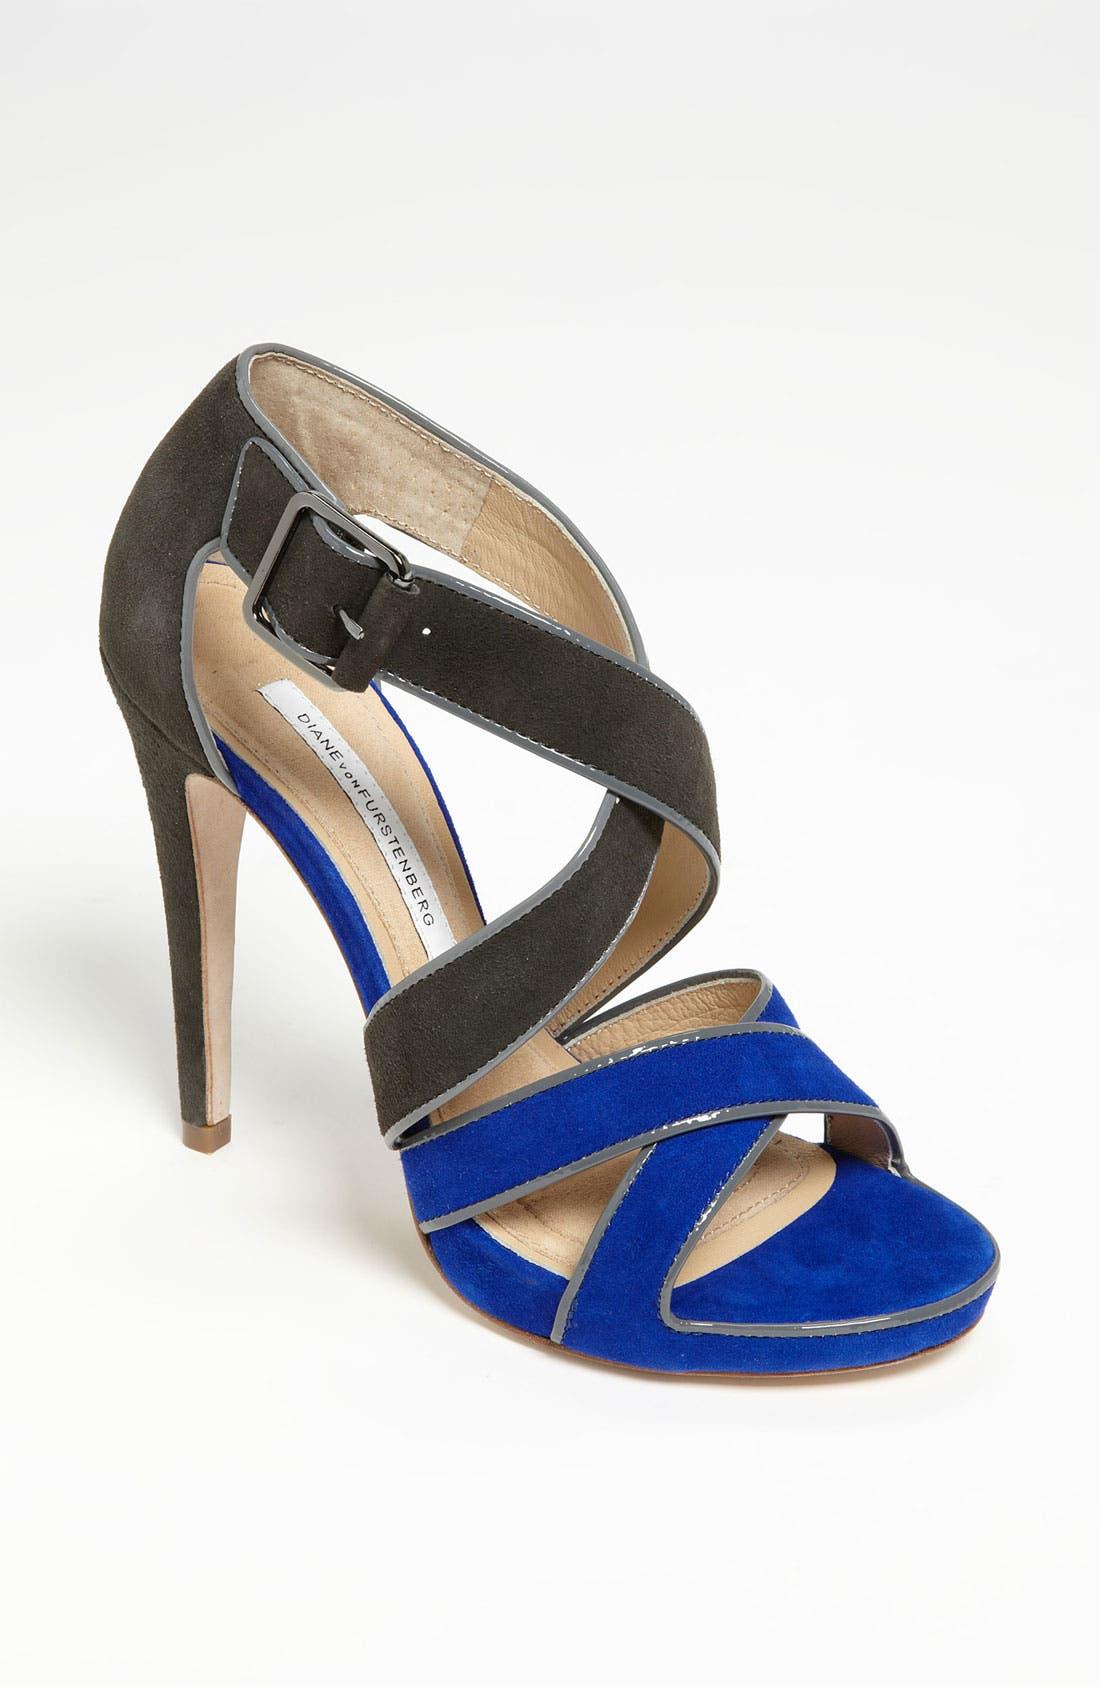 Main Image - Diane von Furstenberg 'Jodi' Sandal